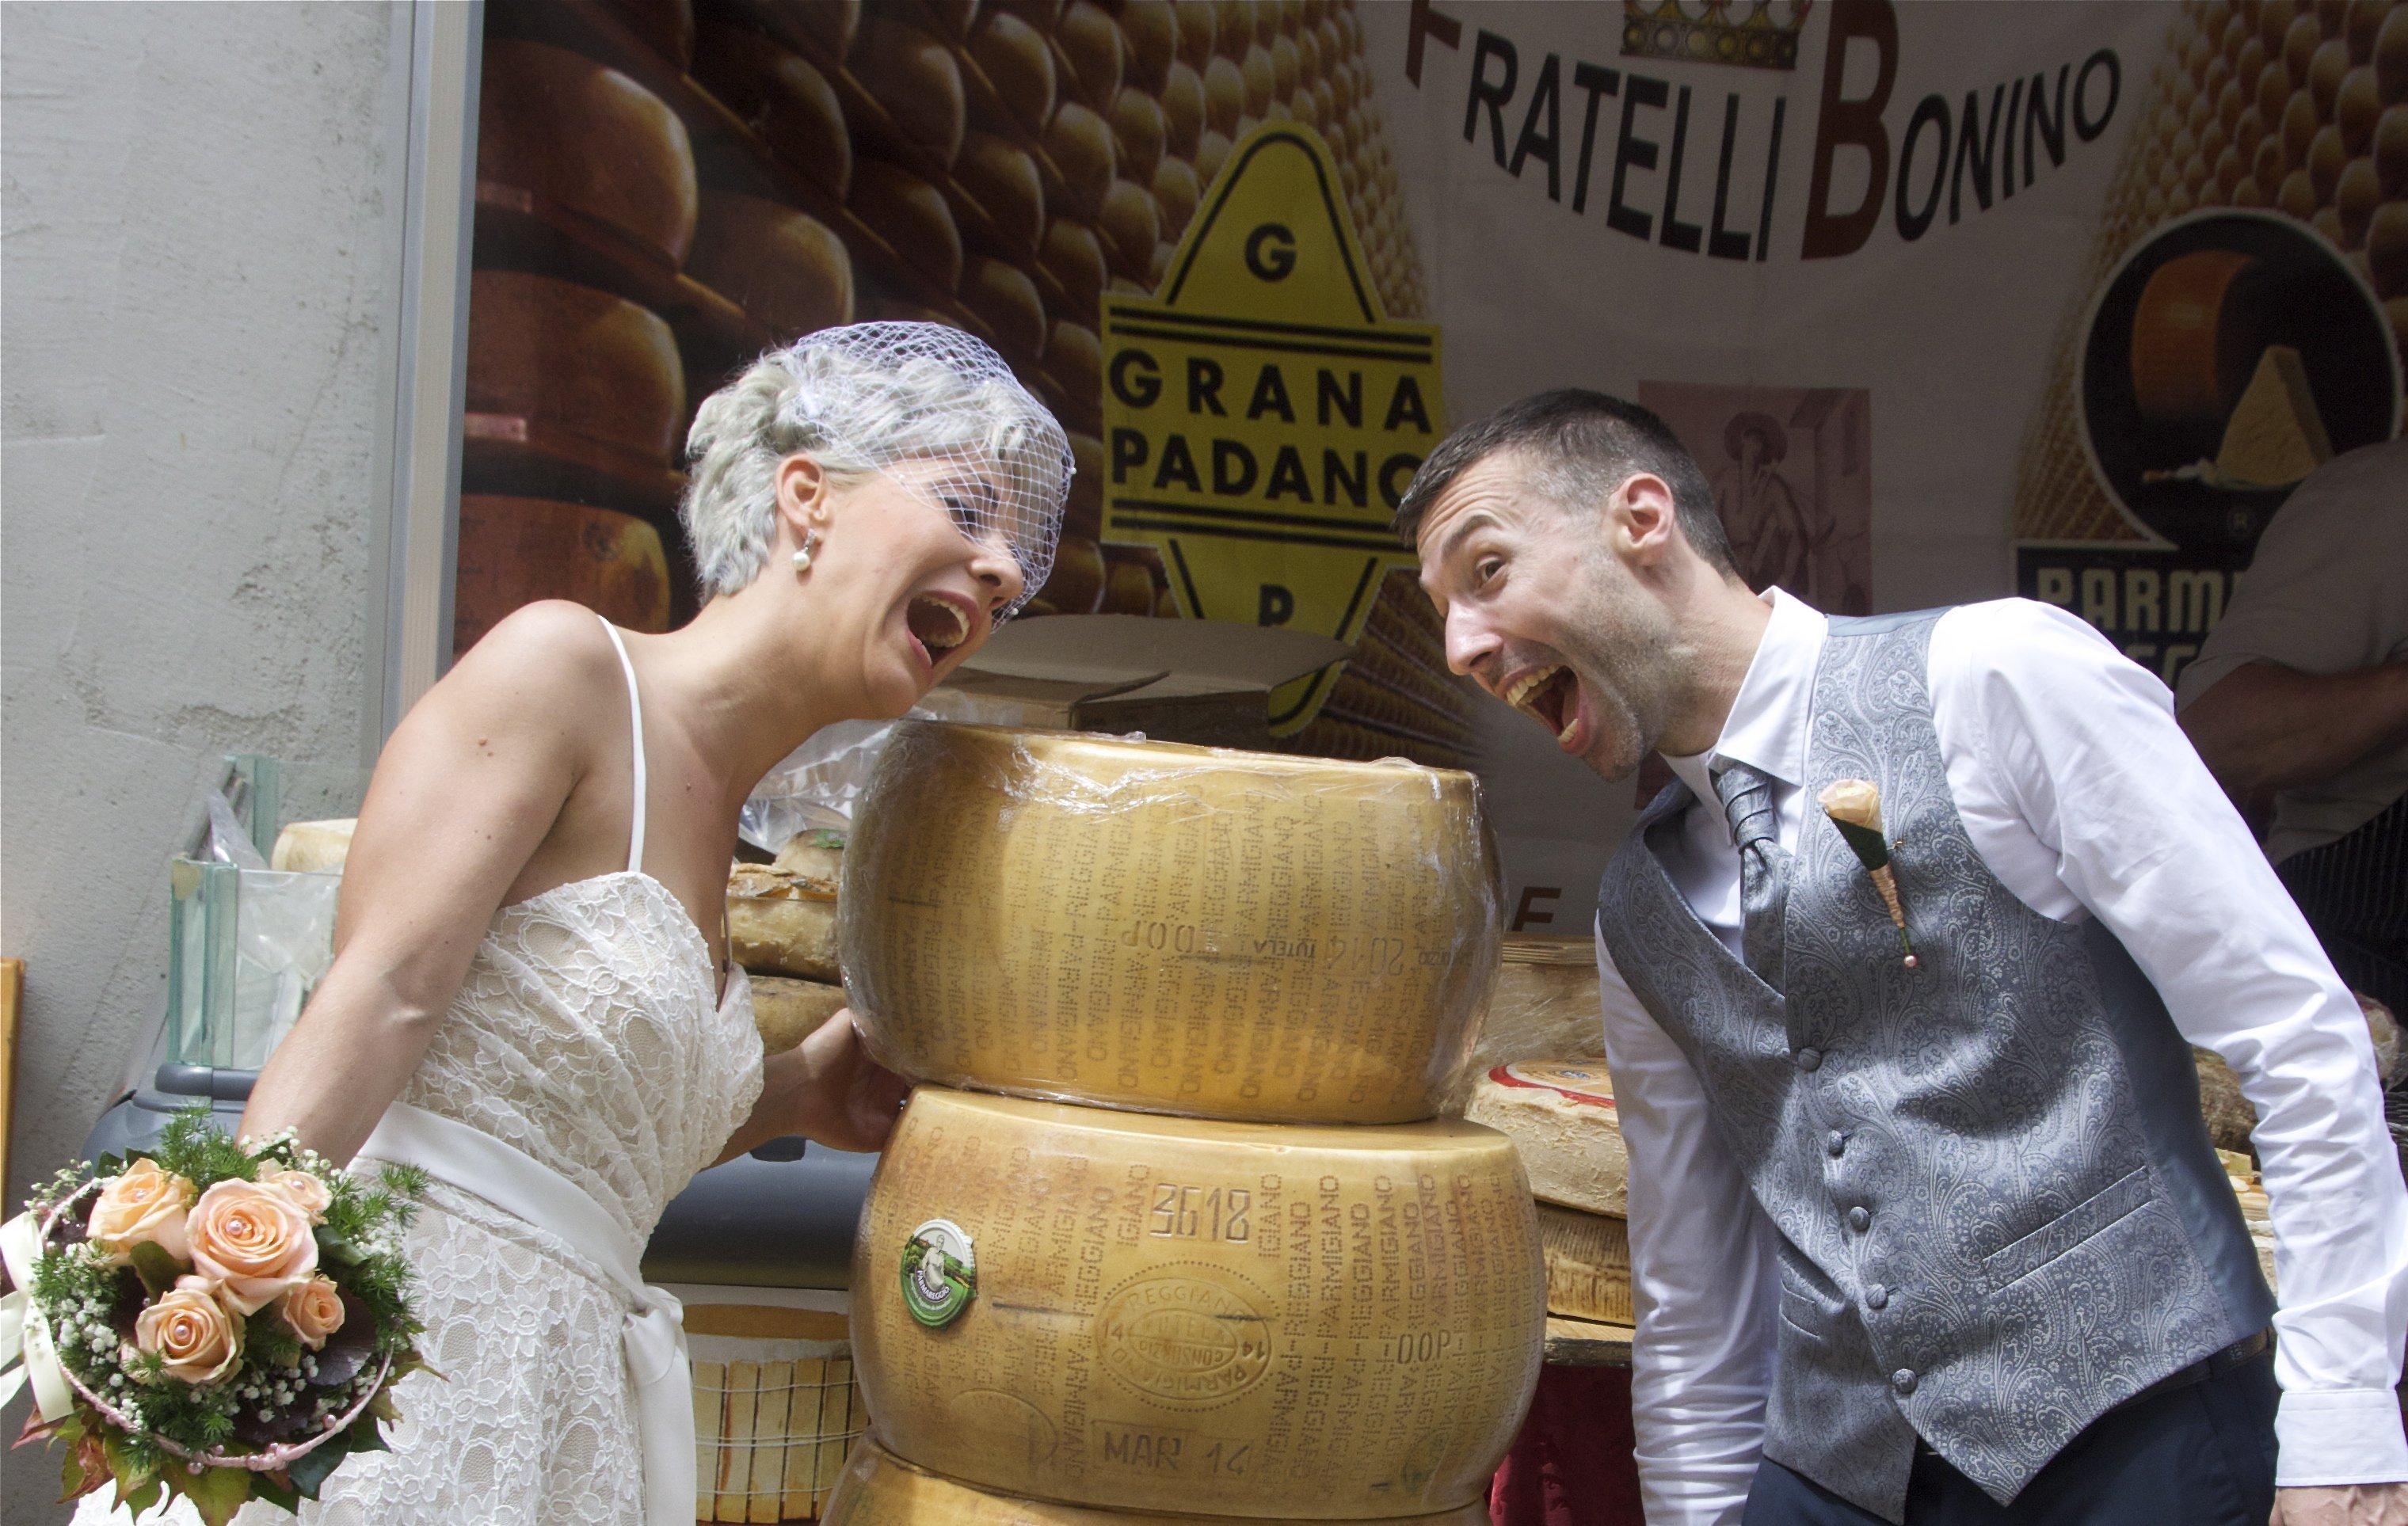 due sposi sorridenti che simulano di mordere delle forme di grana padano